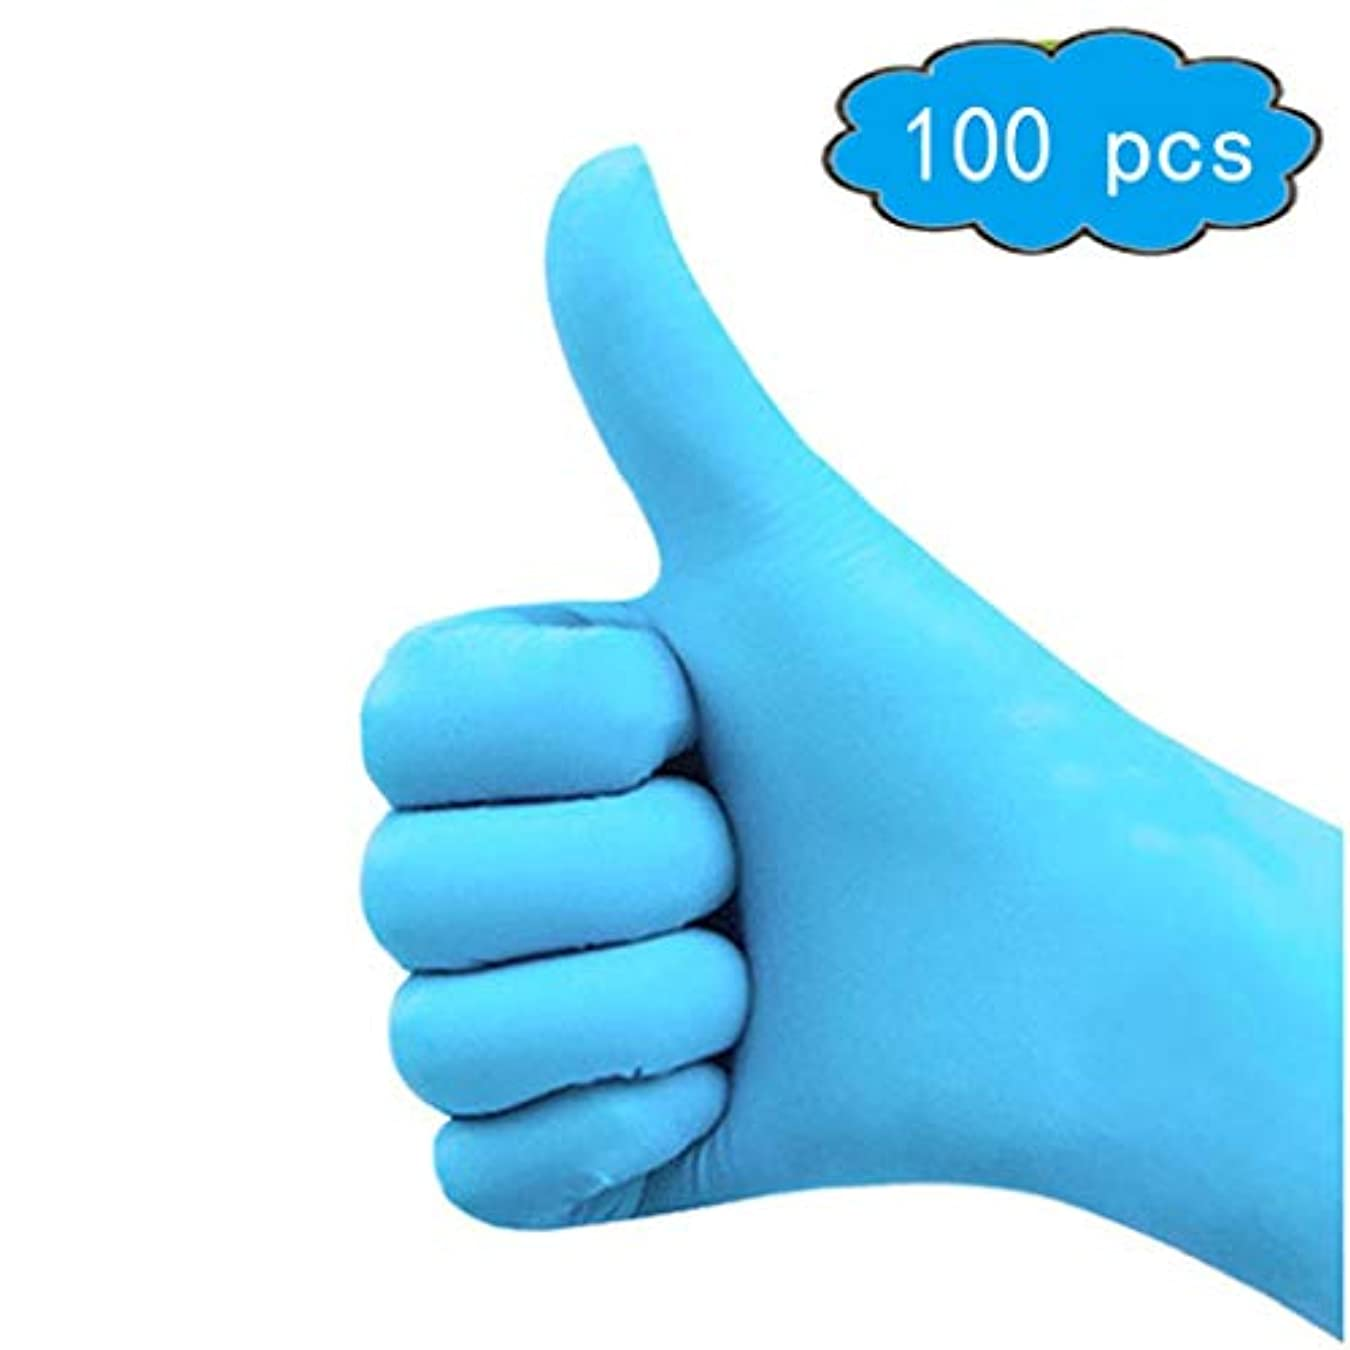 無礼に続ける通知使い捨てニトリル手袋、パウダーなし、厚く、3 mil、青、サイズL、100個入り、サニタリー手袋、家庭用品 (Color : Blue, Size : L)